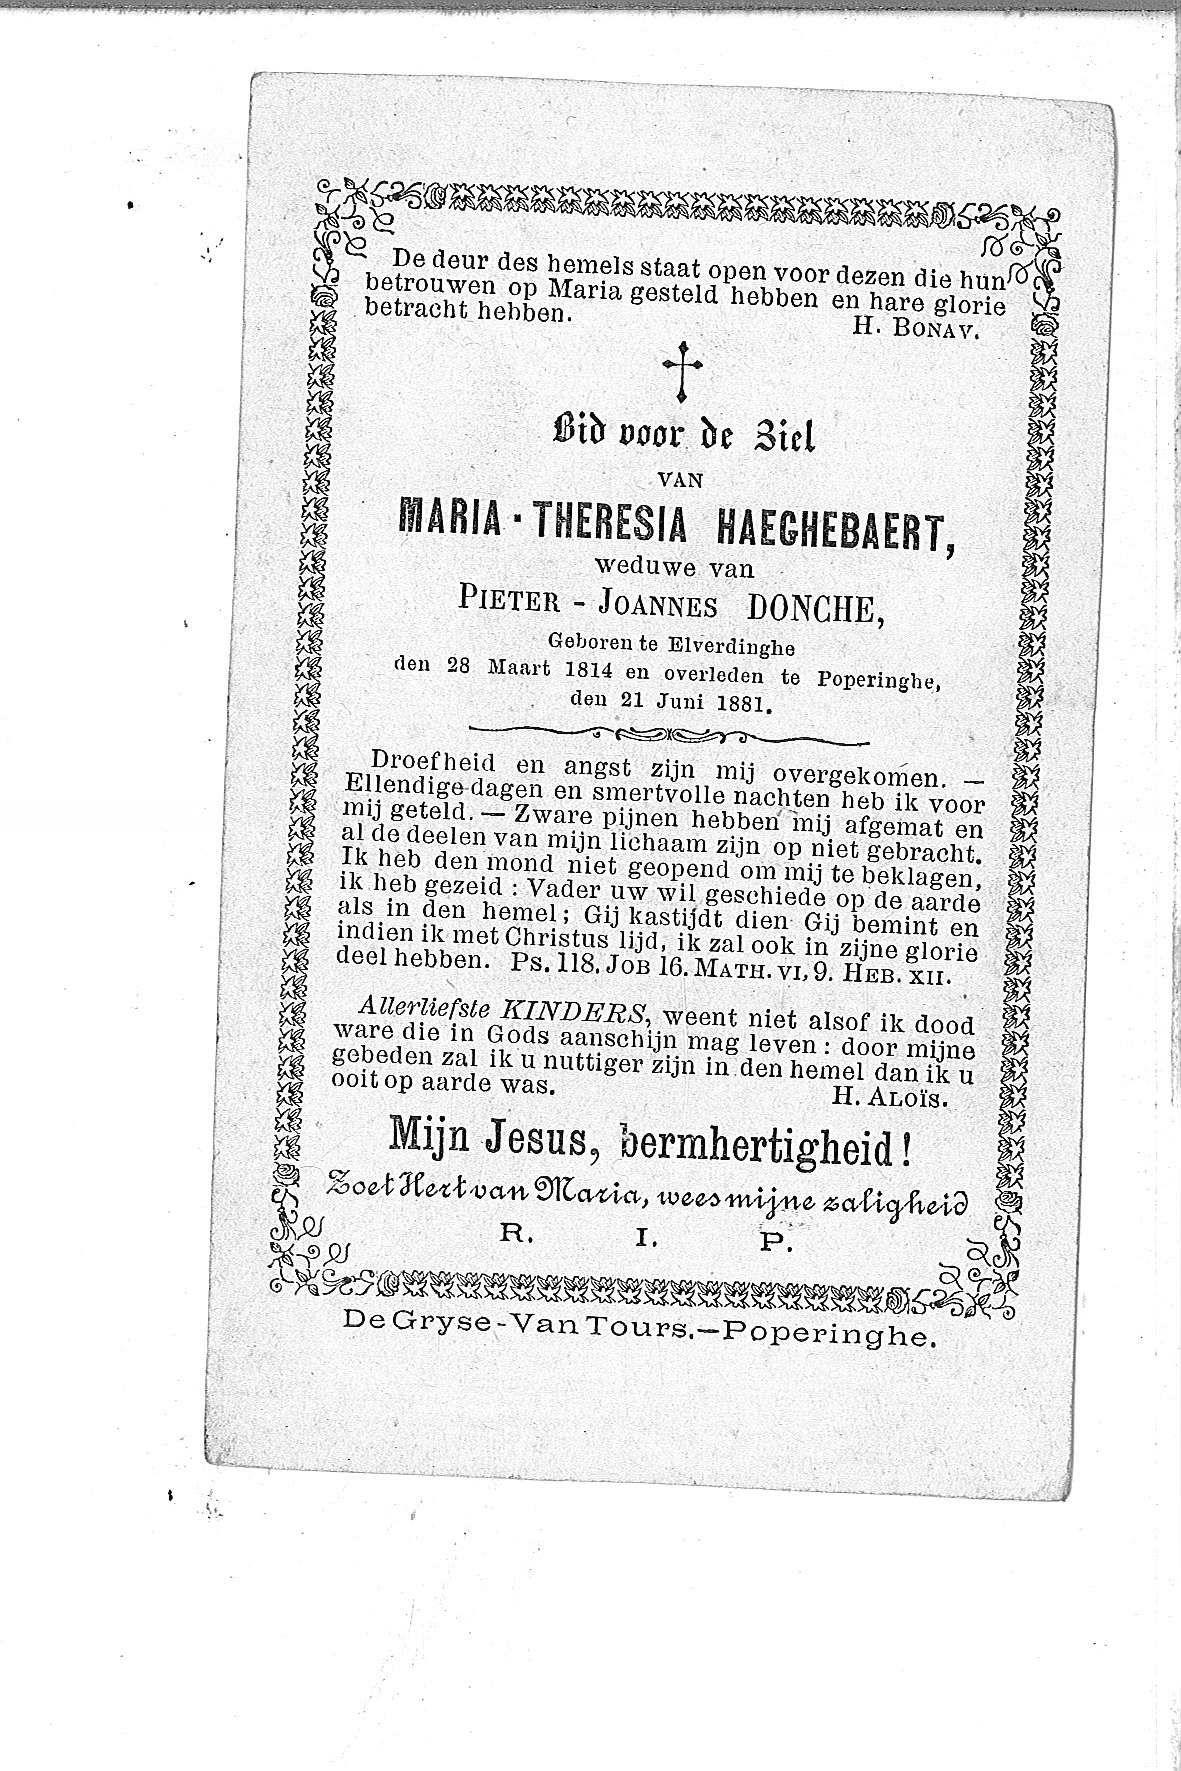 Maria-Theresia-(1881)-20121011095319_00001.jpg